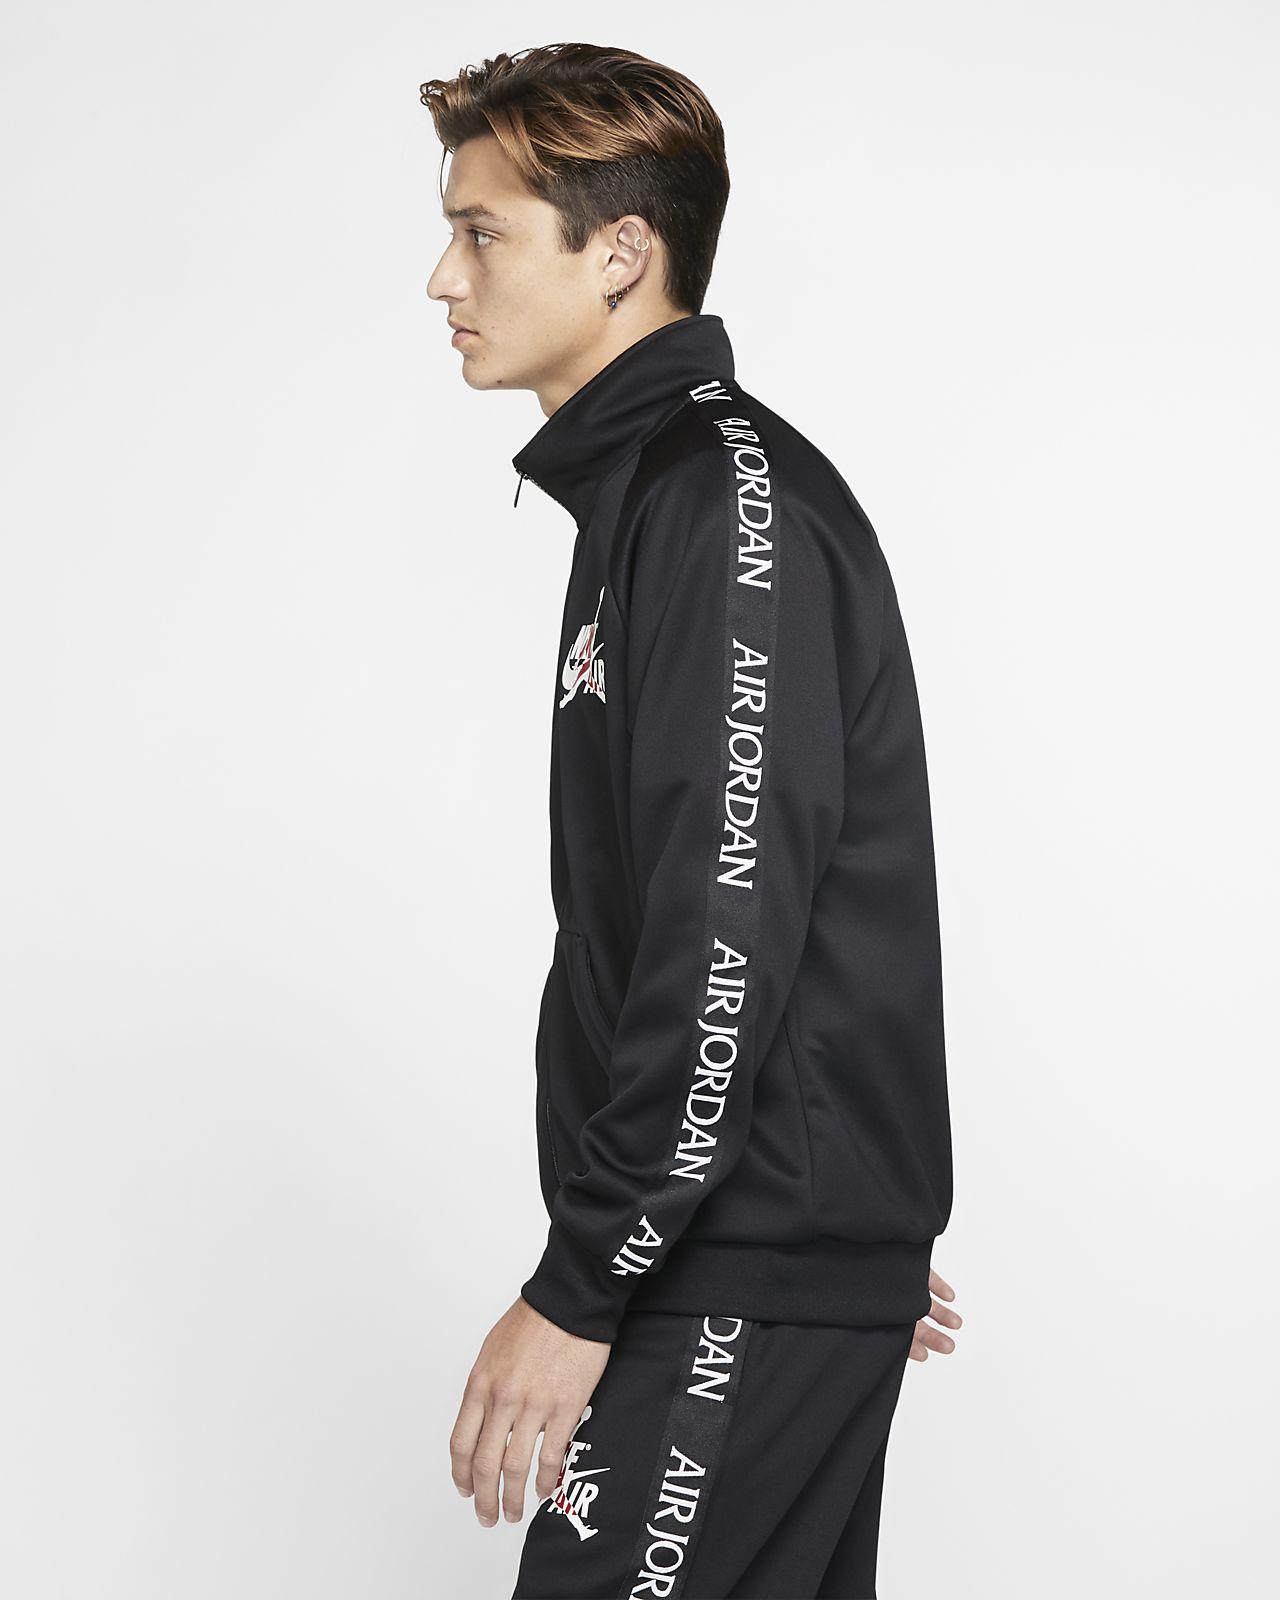 nouveau produit 16efa de476 Veste de survêtement en tricot Jordan Jumpman Classics pour Homme